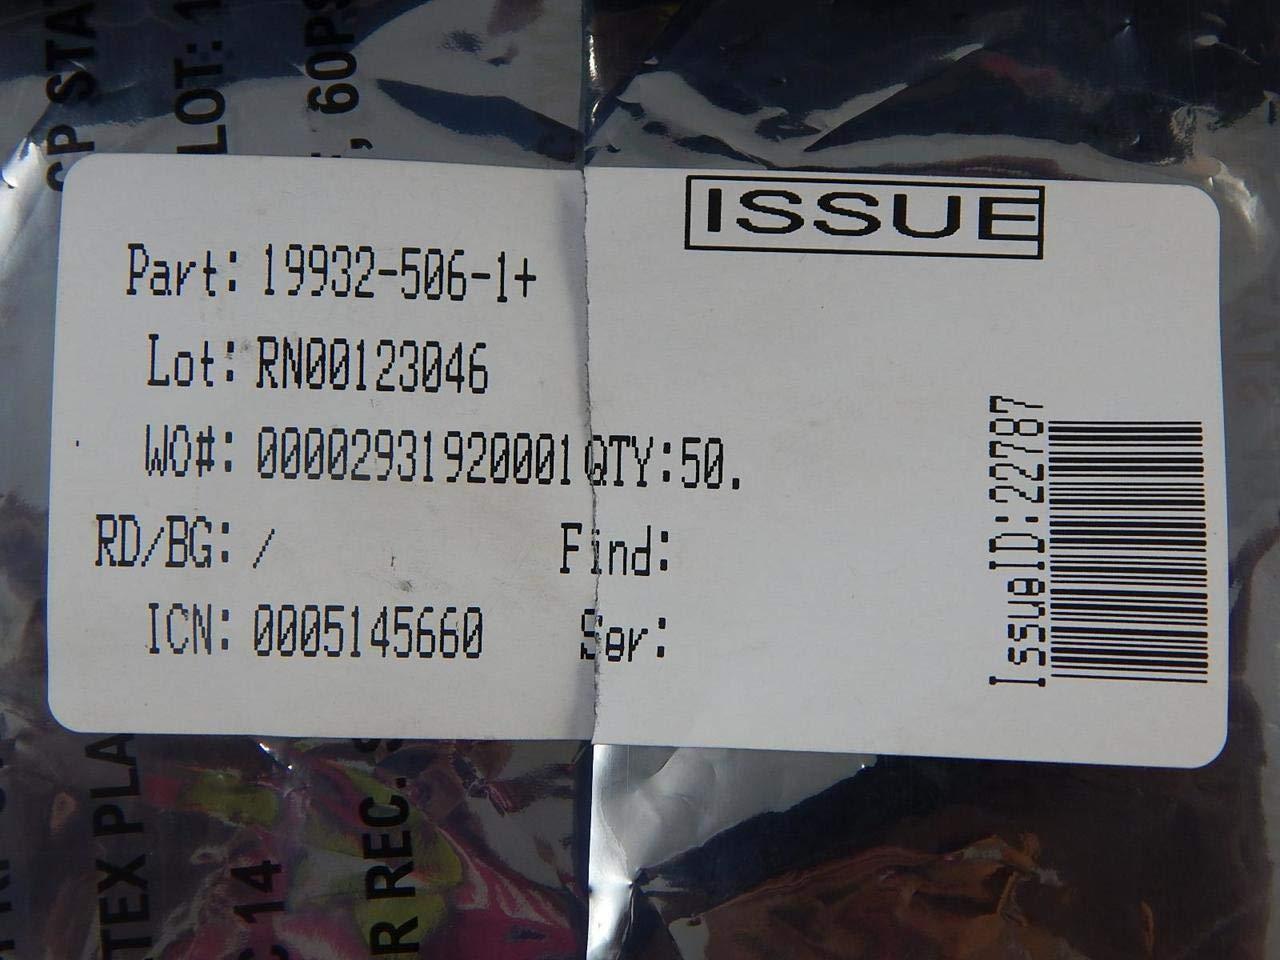 Optek Technology OP236TX 19932-506-1 Infrared (IR) Emitter T133451